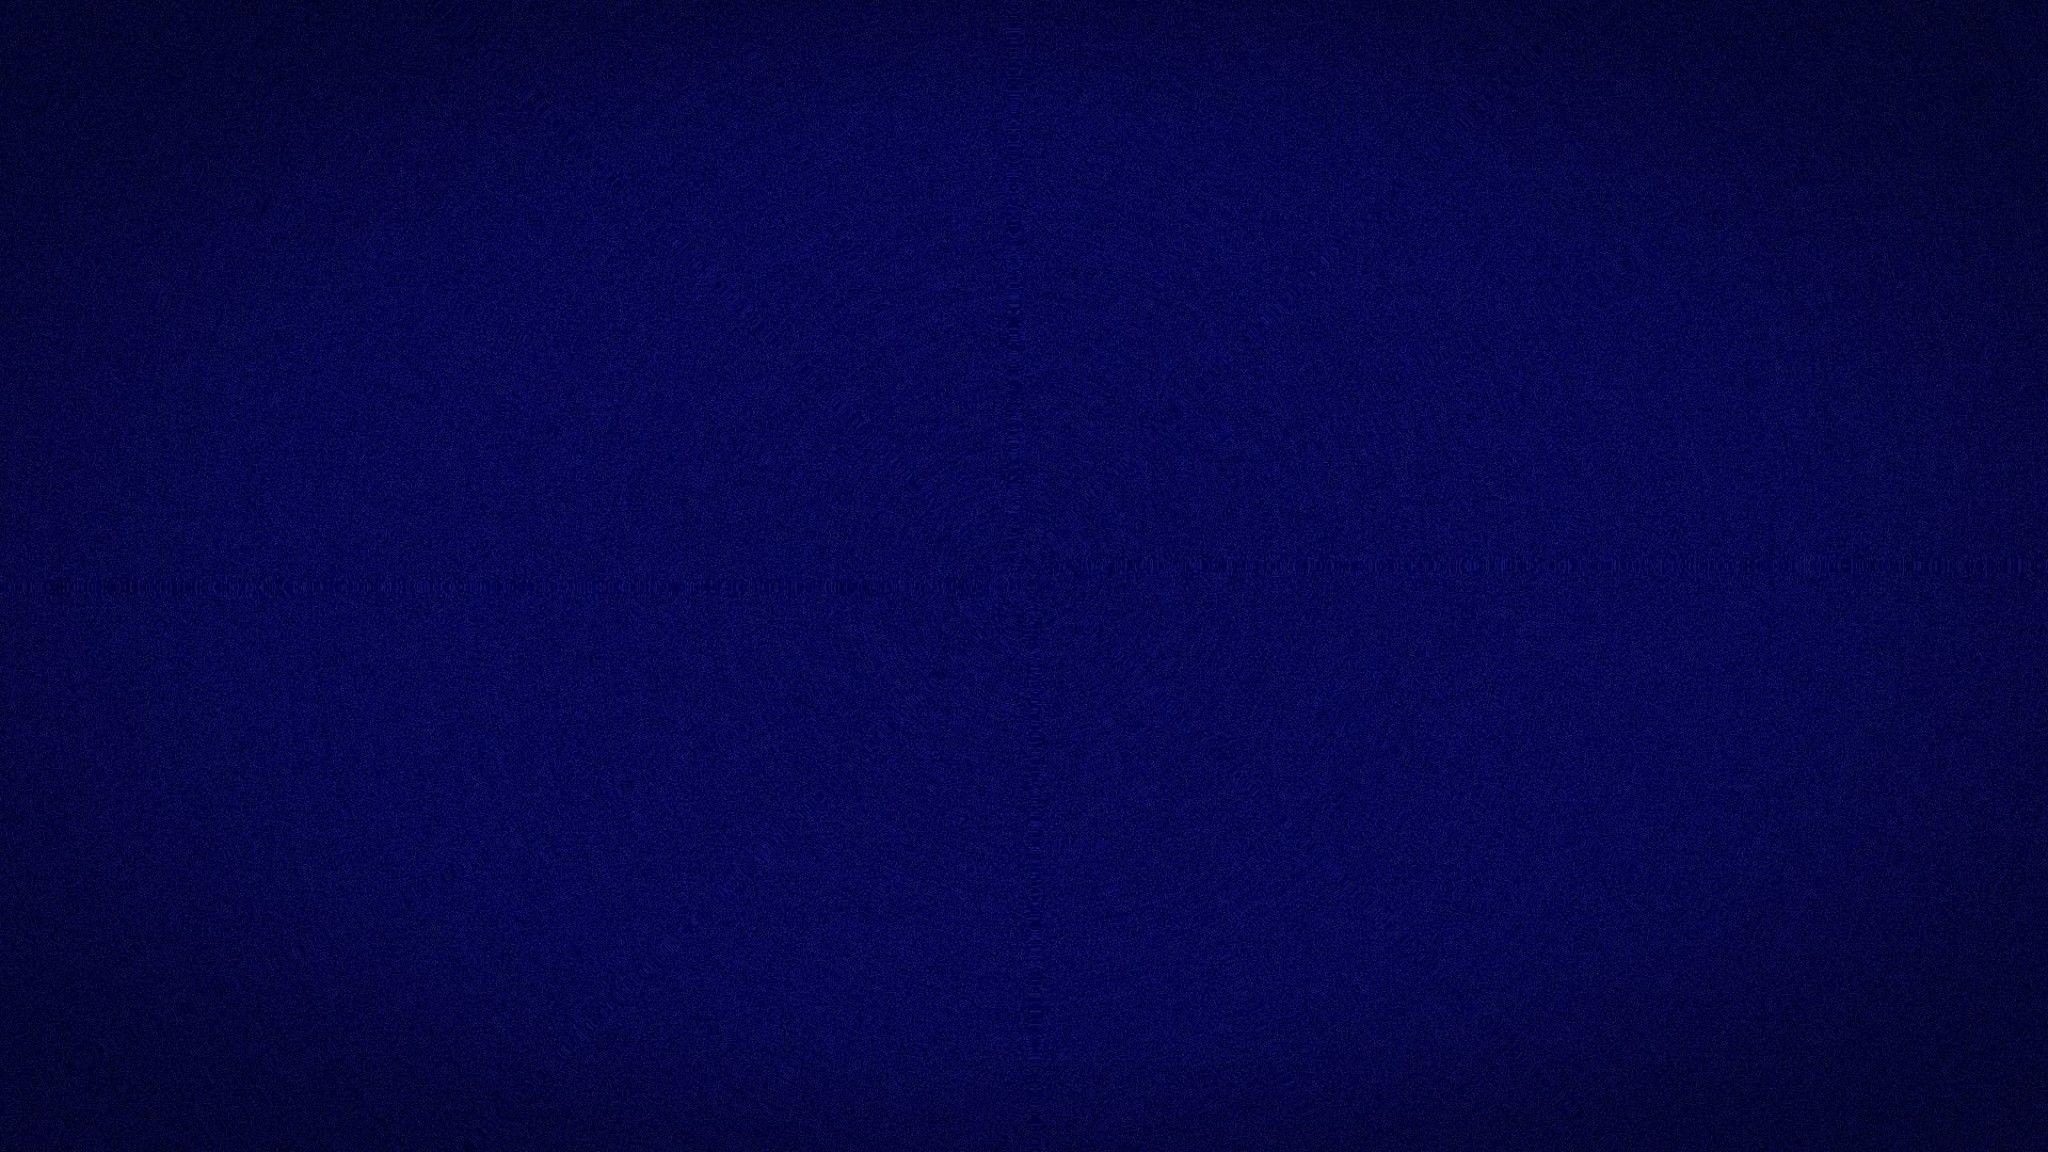 2048x1152 ý tưởng về Hình nền đen đặc Màu đen trơn 1920 × 1080